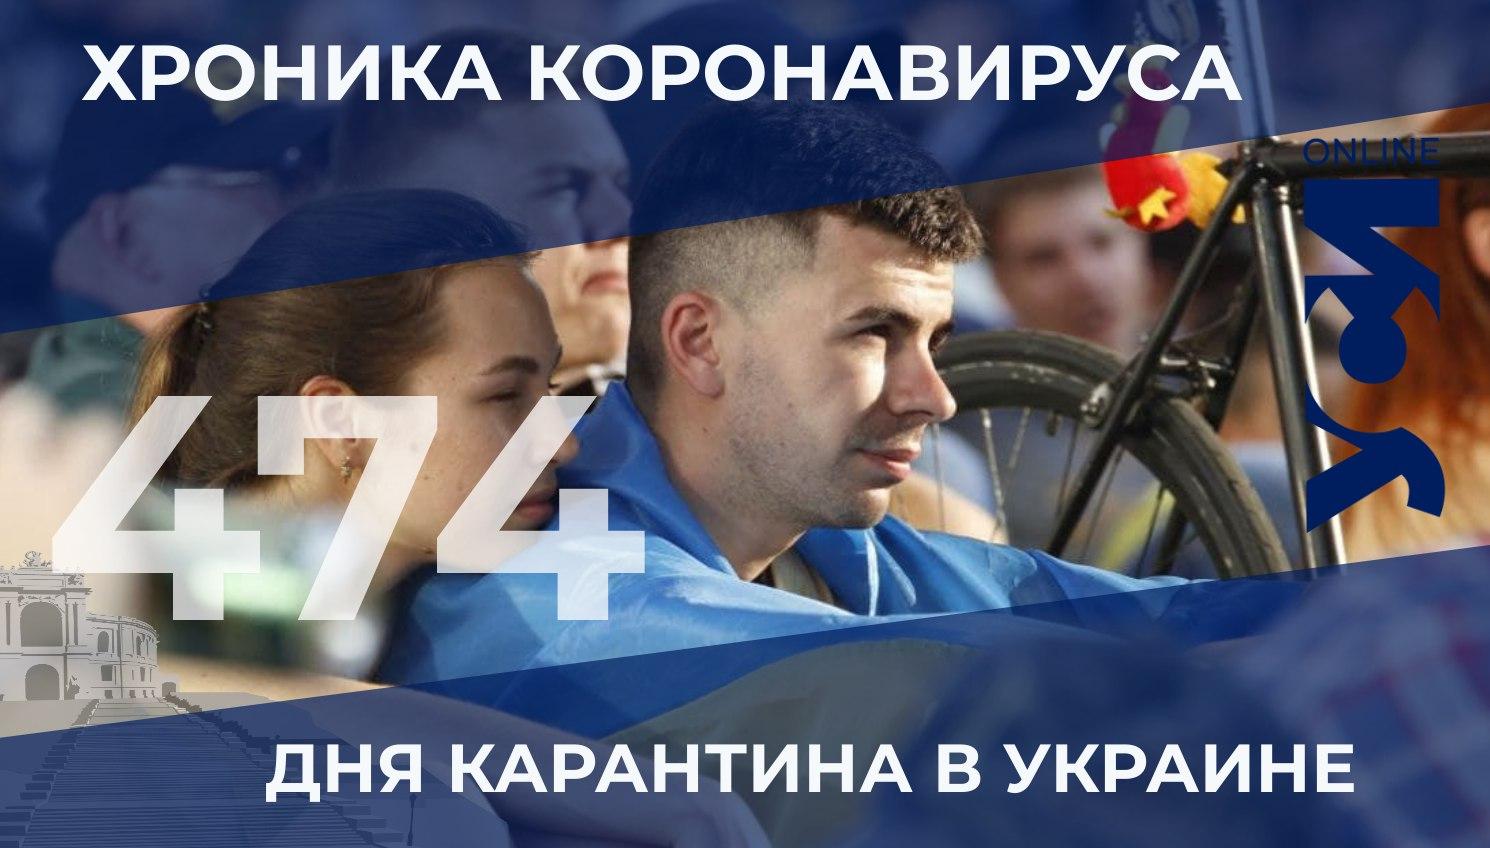 COVID-19: Одесская область — 5-я в рейтинге по количеству новых случаев «фото»